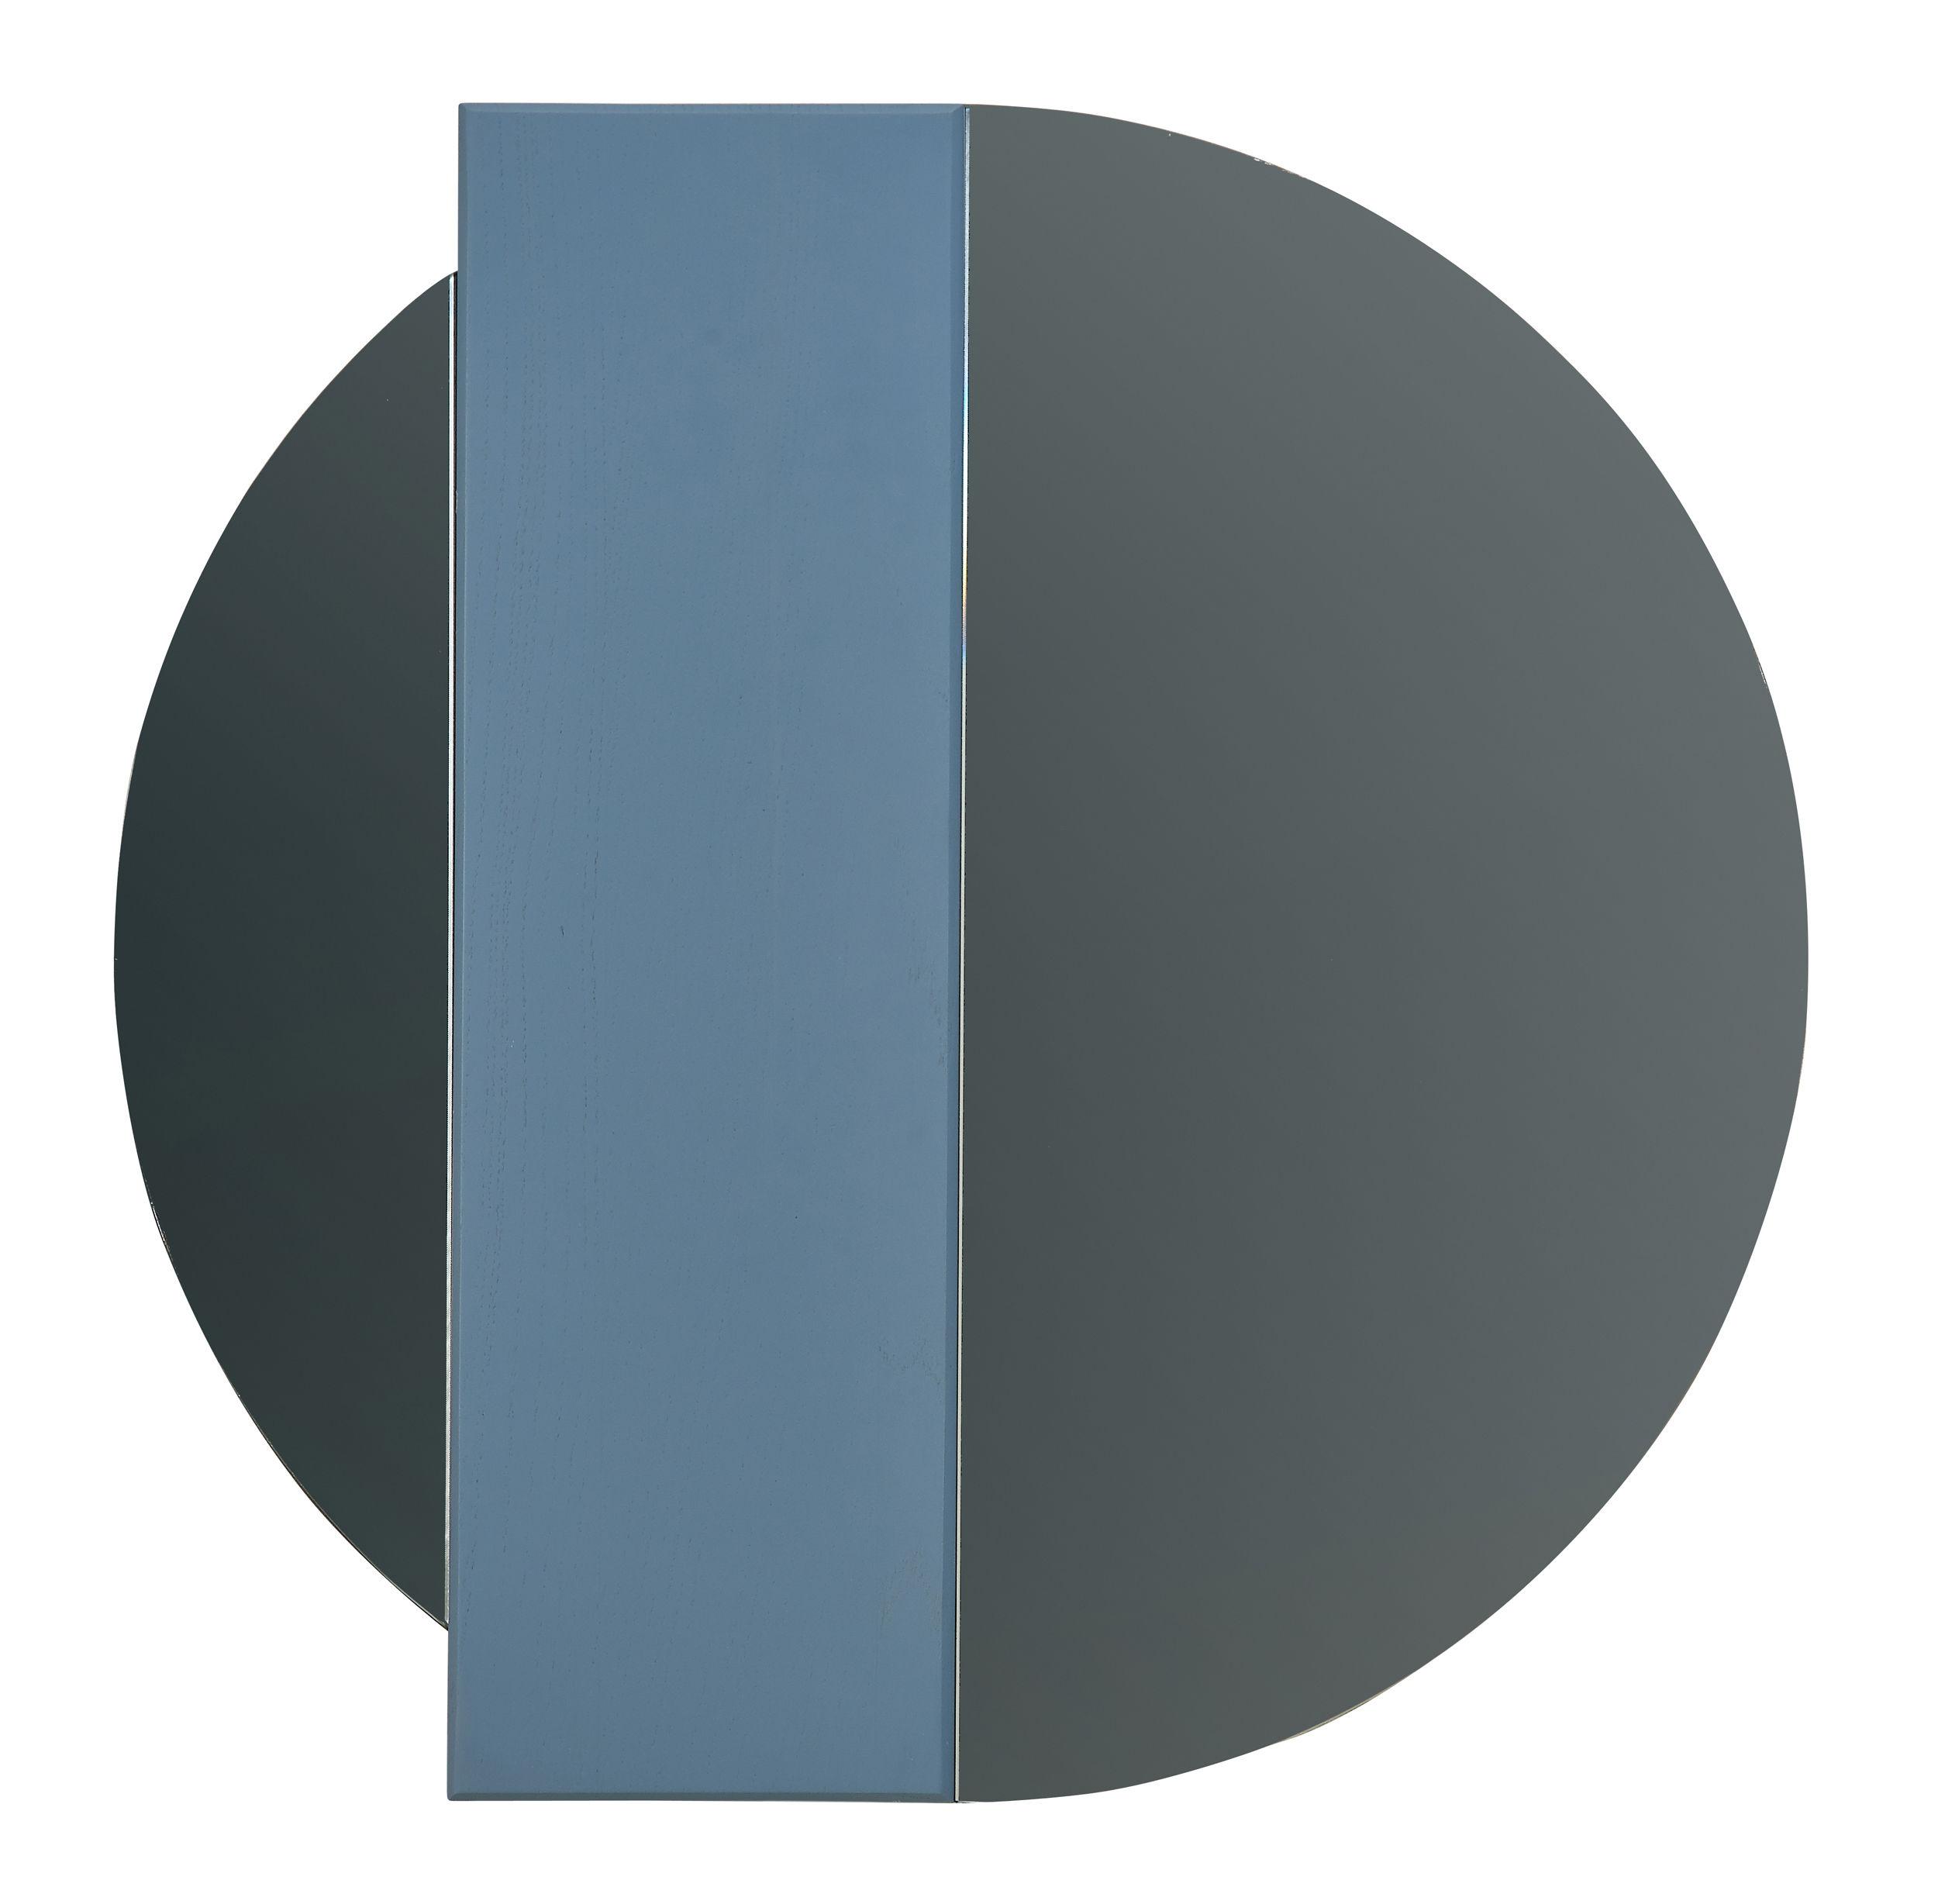 Interni - Specchi - Specchio murale Charlotte - / Striscia in legno calamitata -  Ø 60 cm di Hartô - Specchio grigio / Striscia blu - Rovere tinto, Vetro colorato